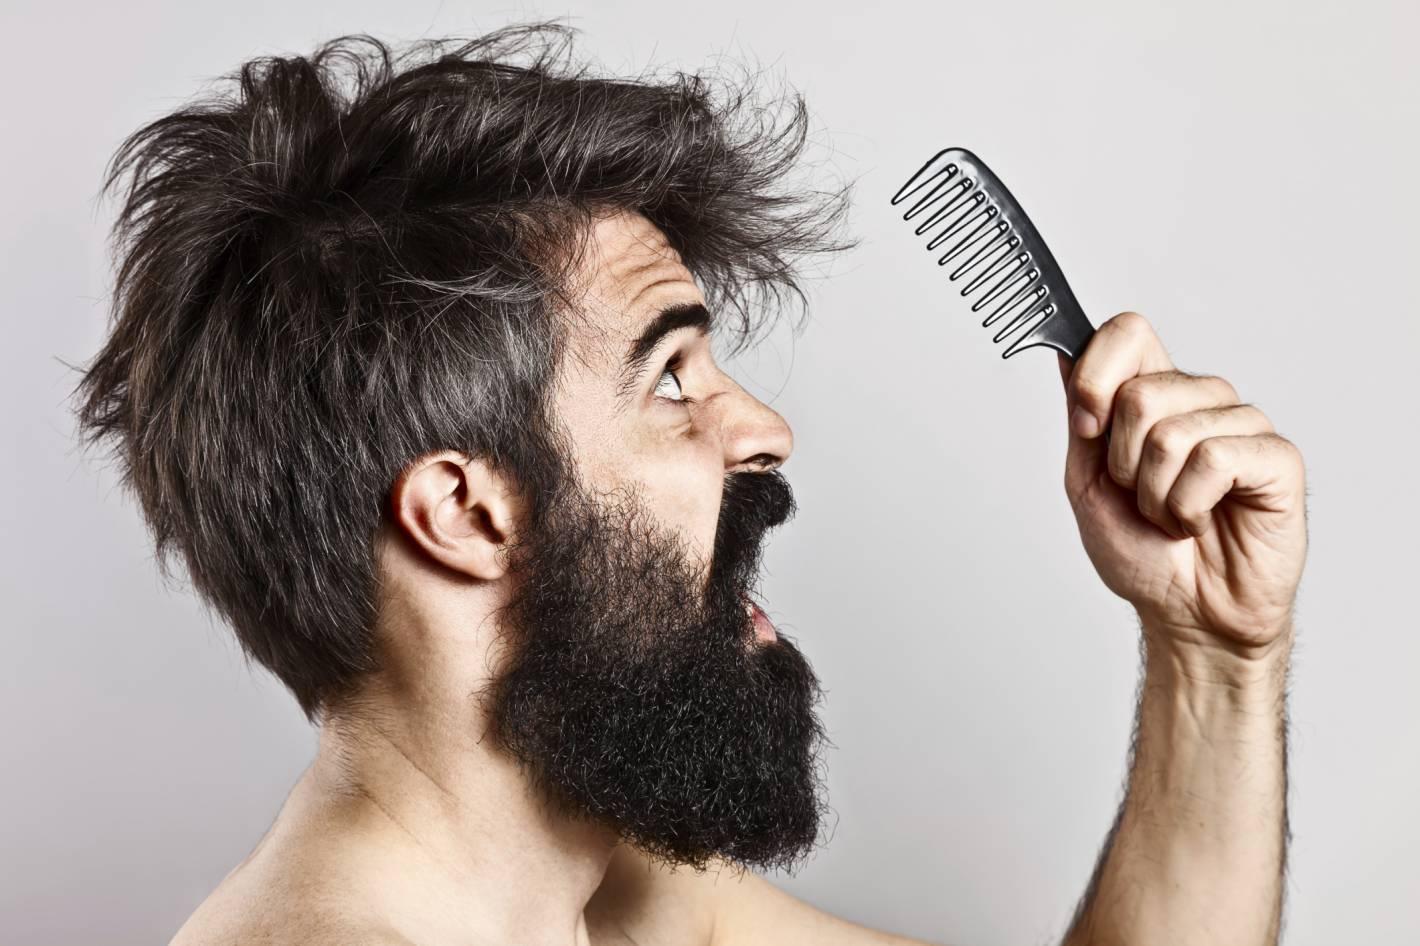 Por qué caen los cabellos en una gran cantidad a las mujeres